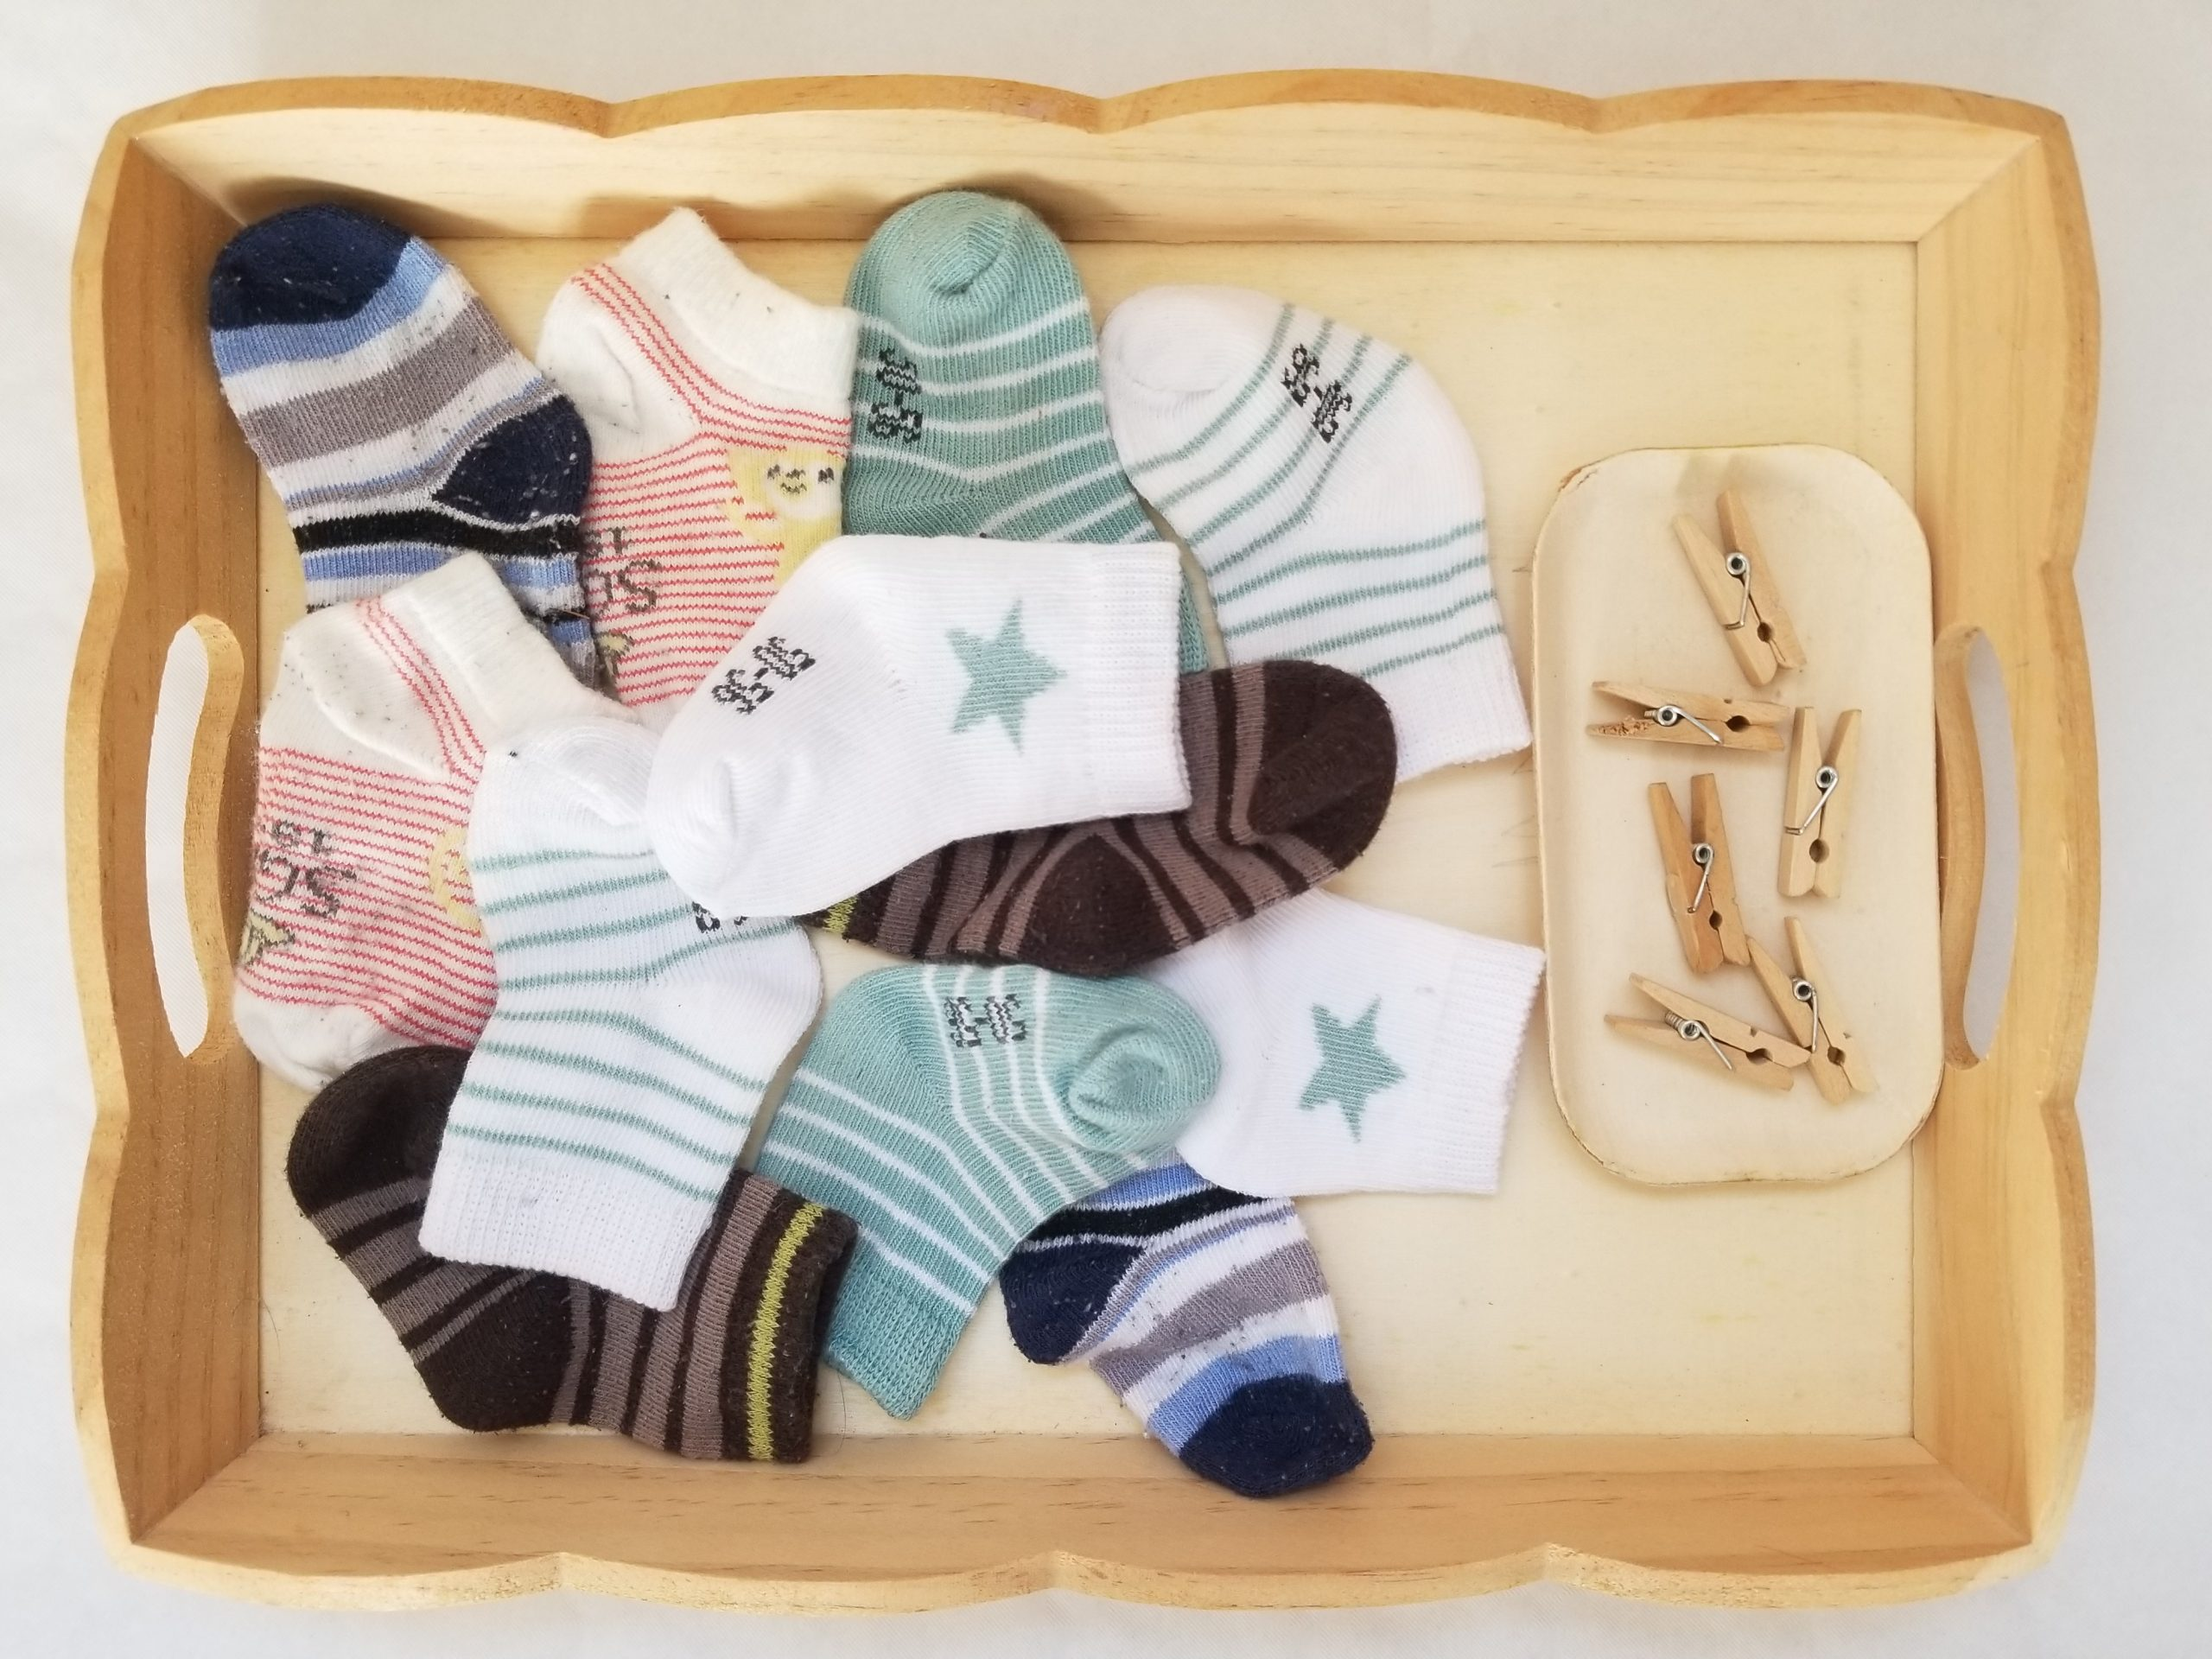 Activité autonome Montessori trier les paires de chaussettes